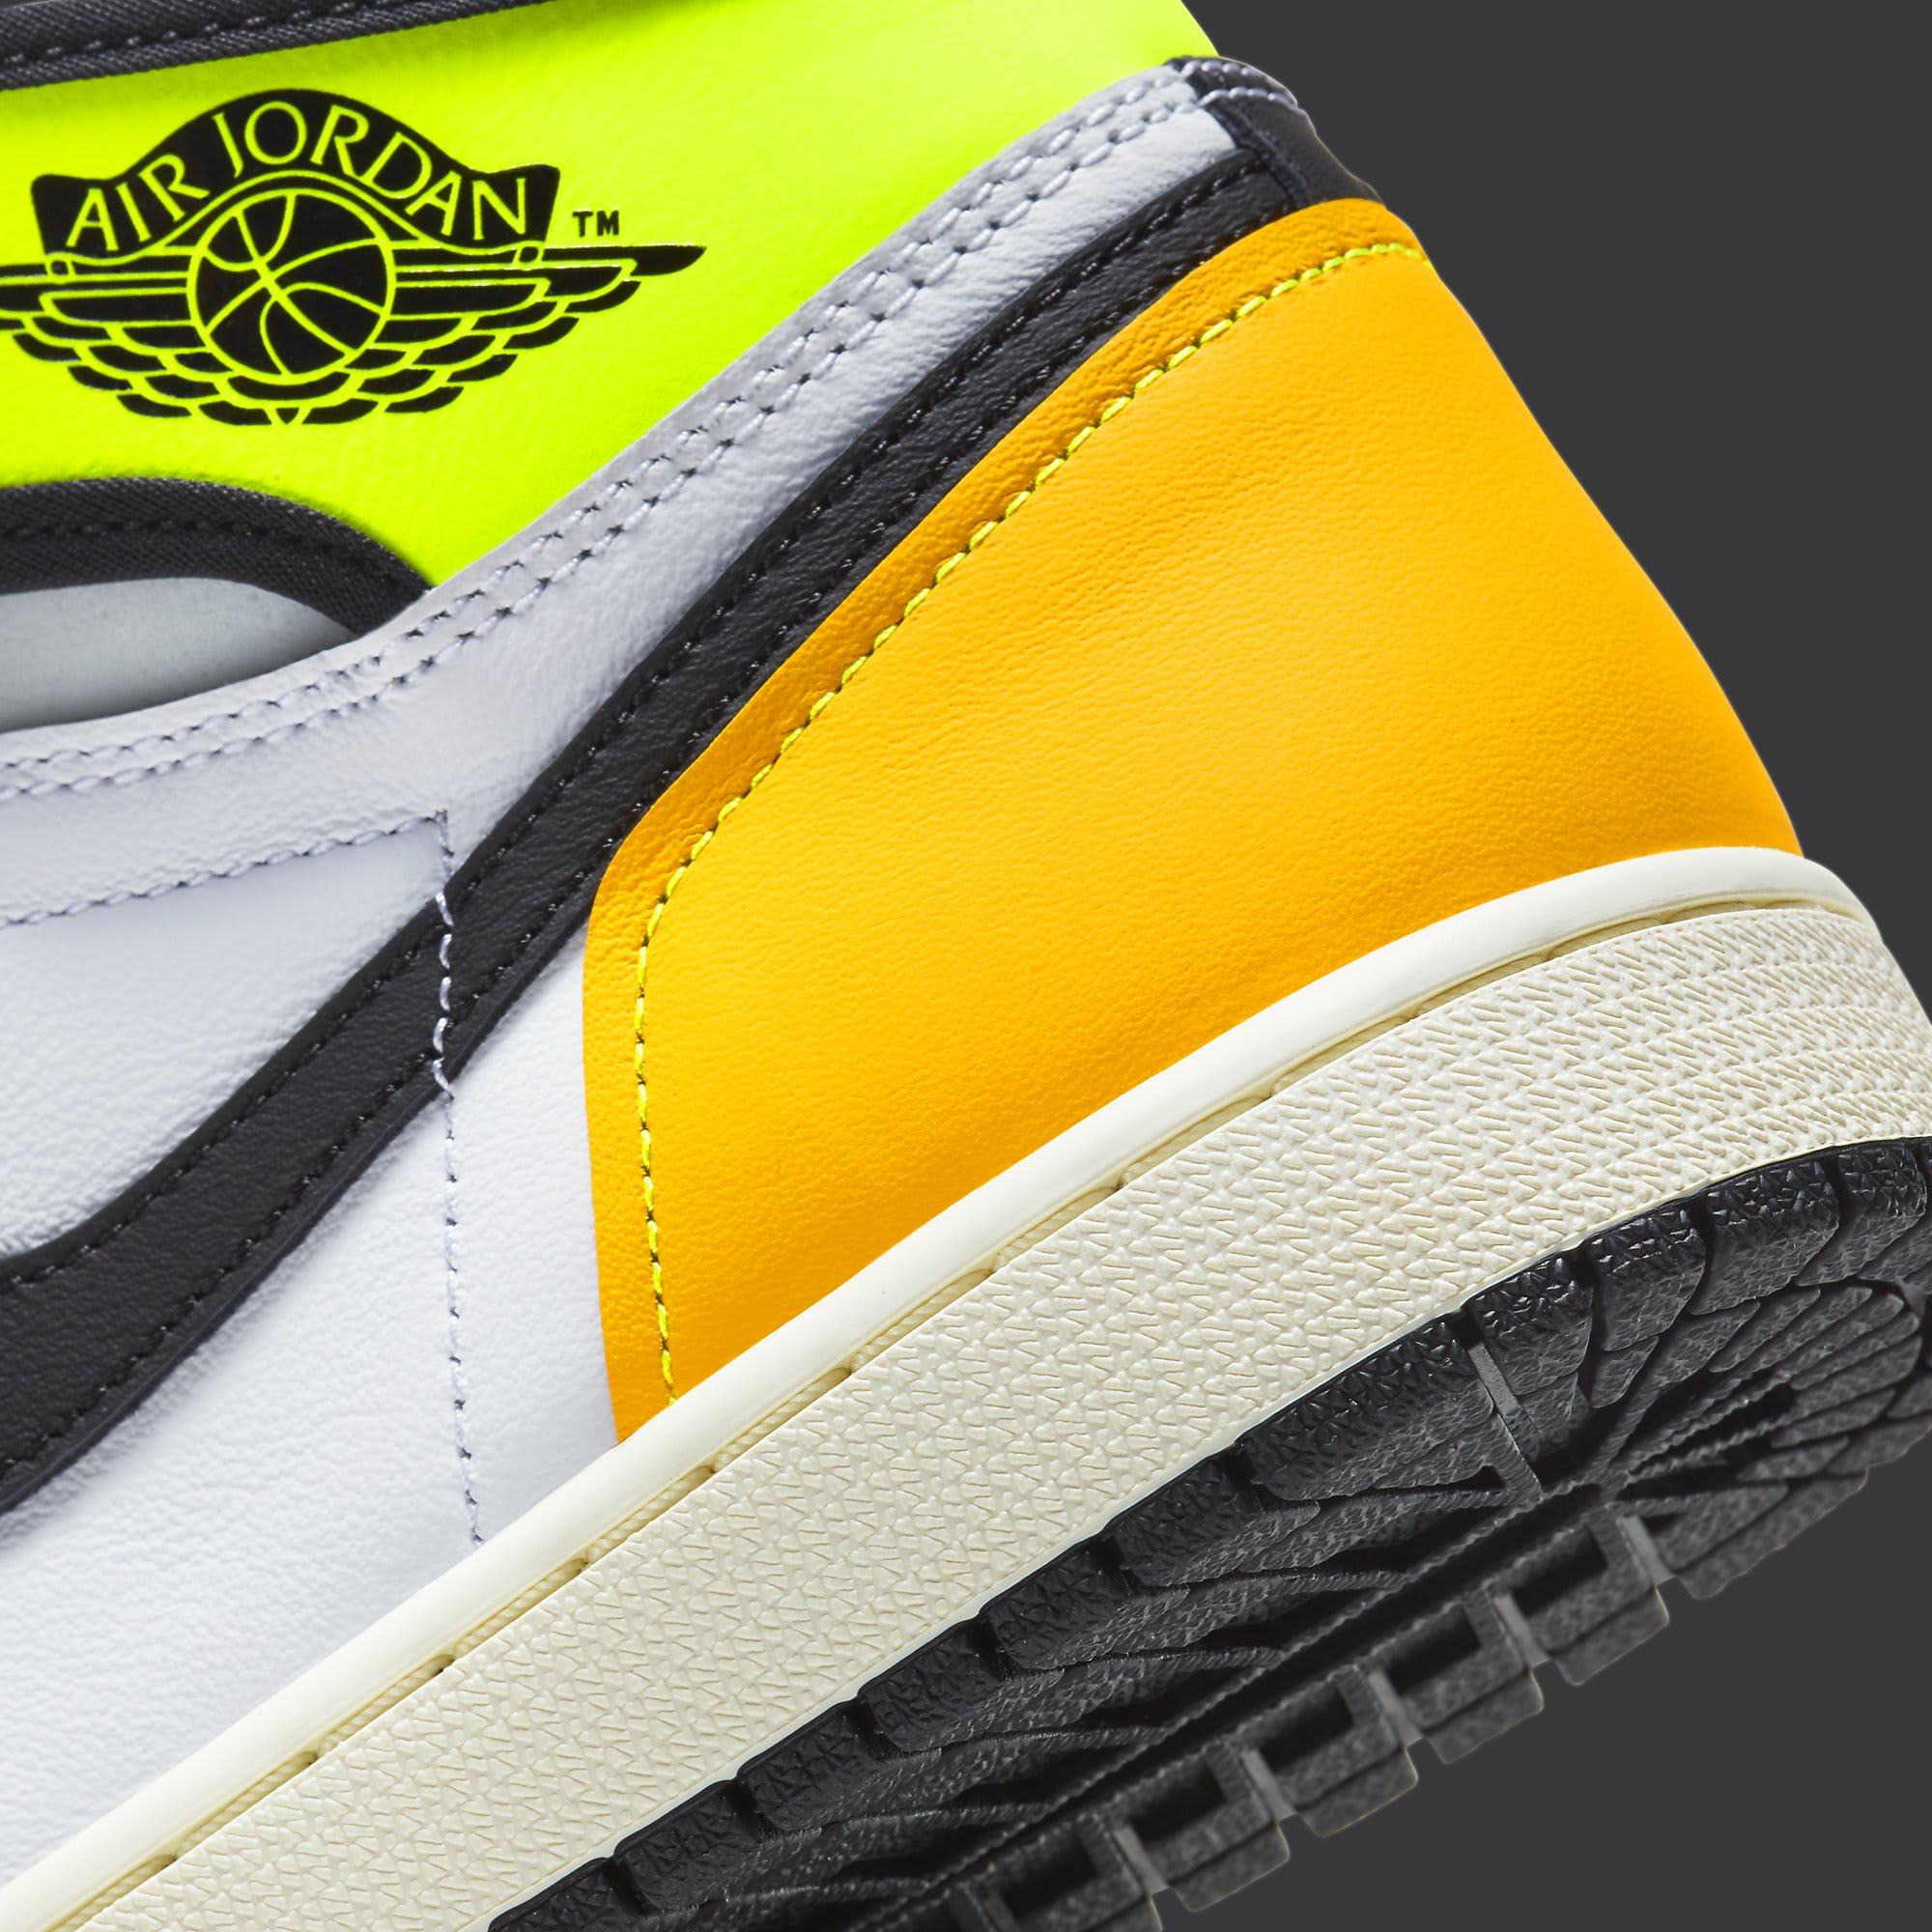 Air Jordan 1 Volt Gold Release Date 555088-118 Heel Detail